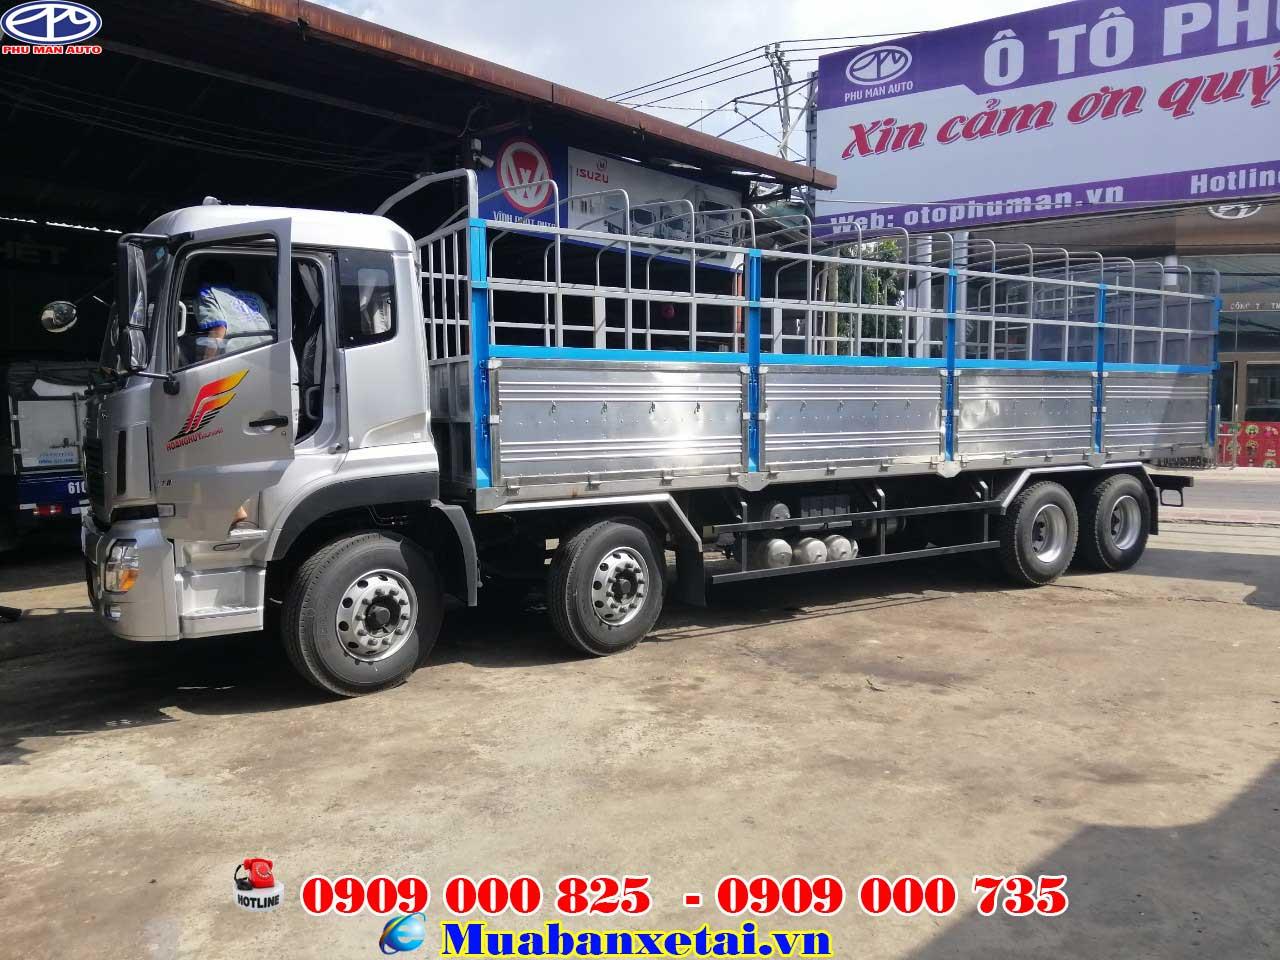 Nội thất xe tải Dongfeng YC310 4 chân